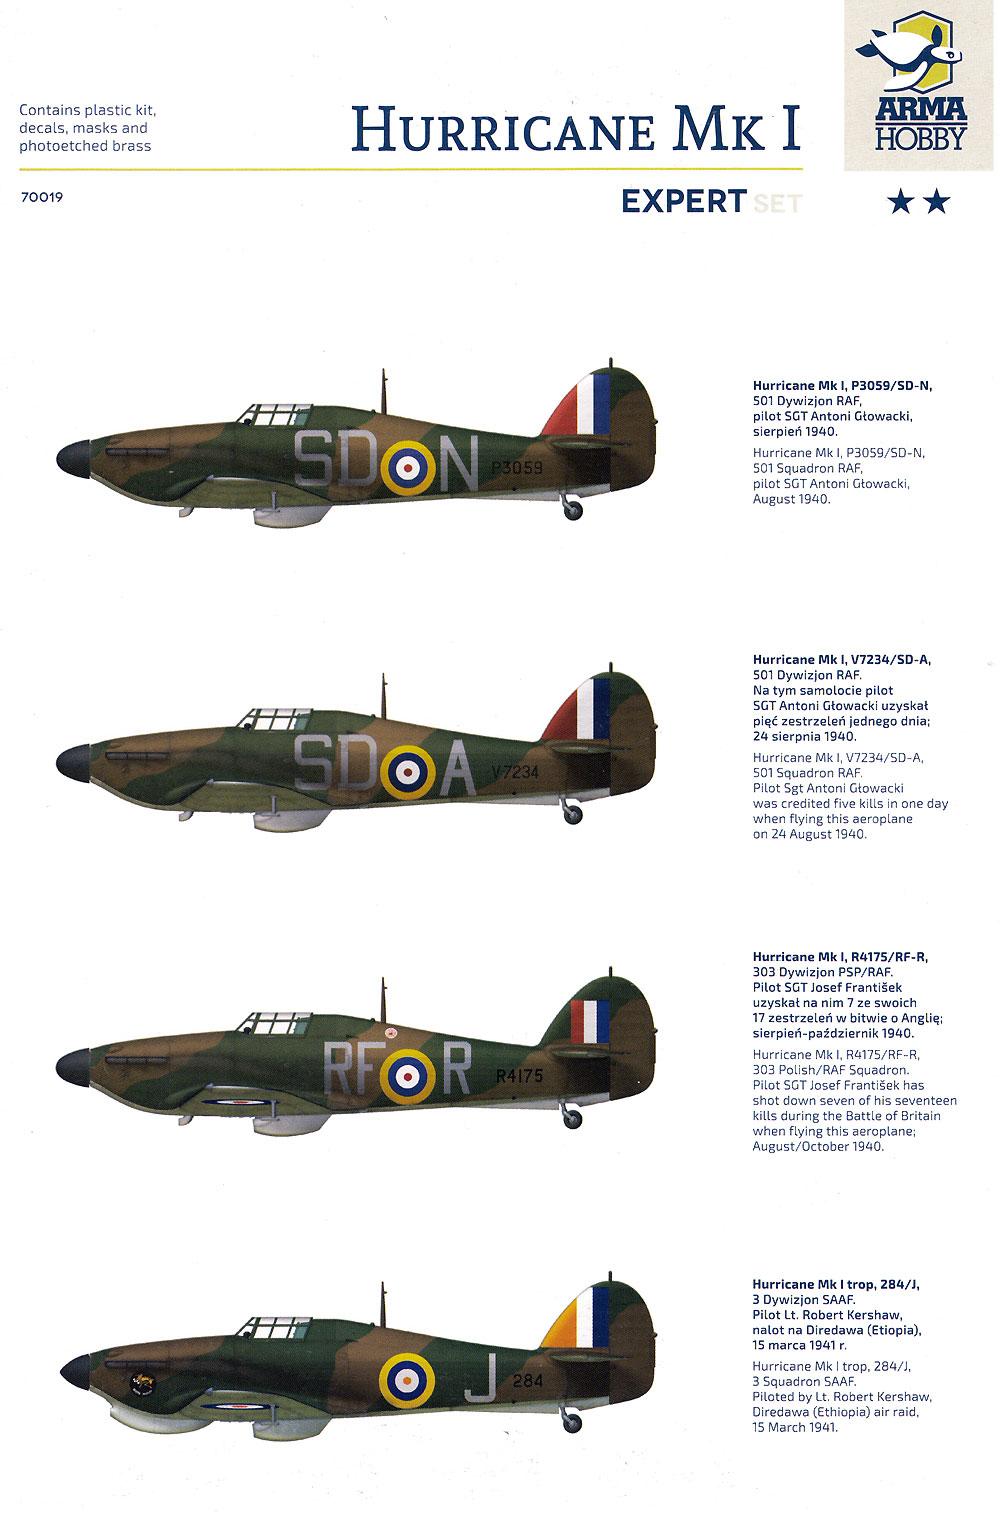 ホーカー ハリケーン Mk.1 エキスパートセットプラモデル(アルマホビー1/72 エアクラフト プラモデルNo.70019)商品画像_1